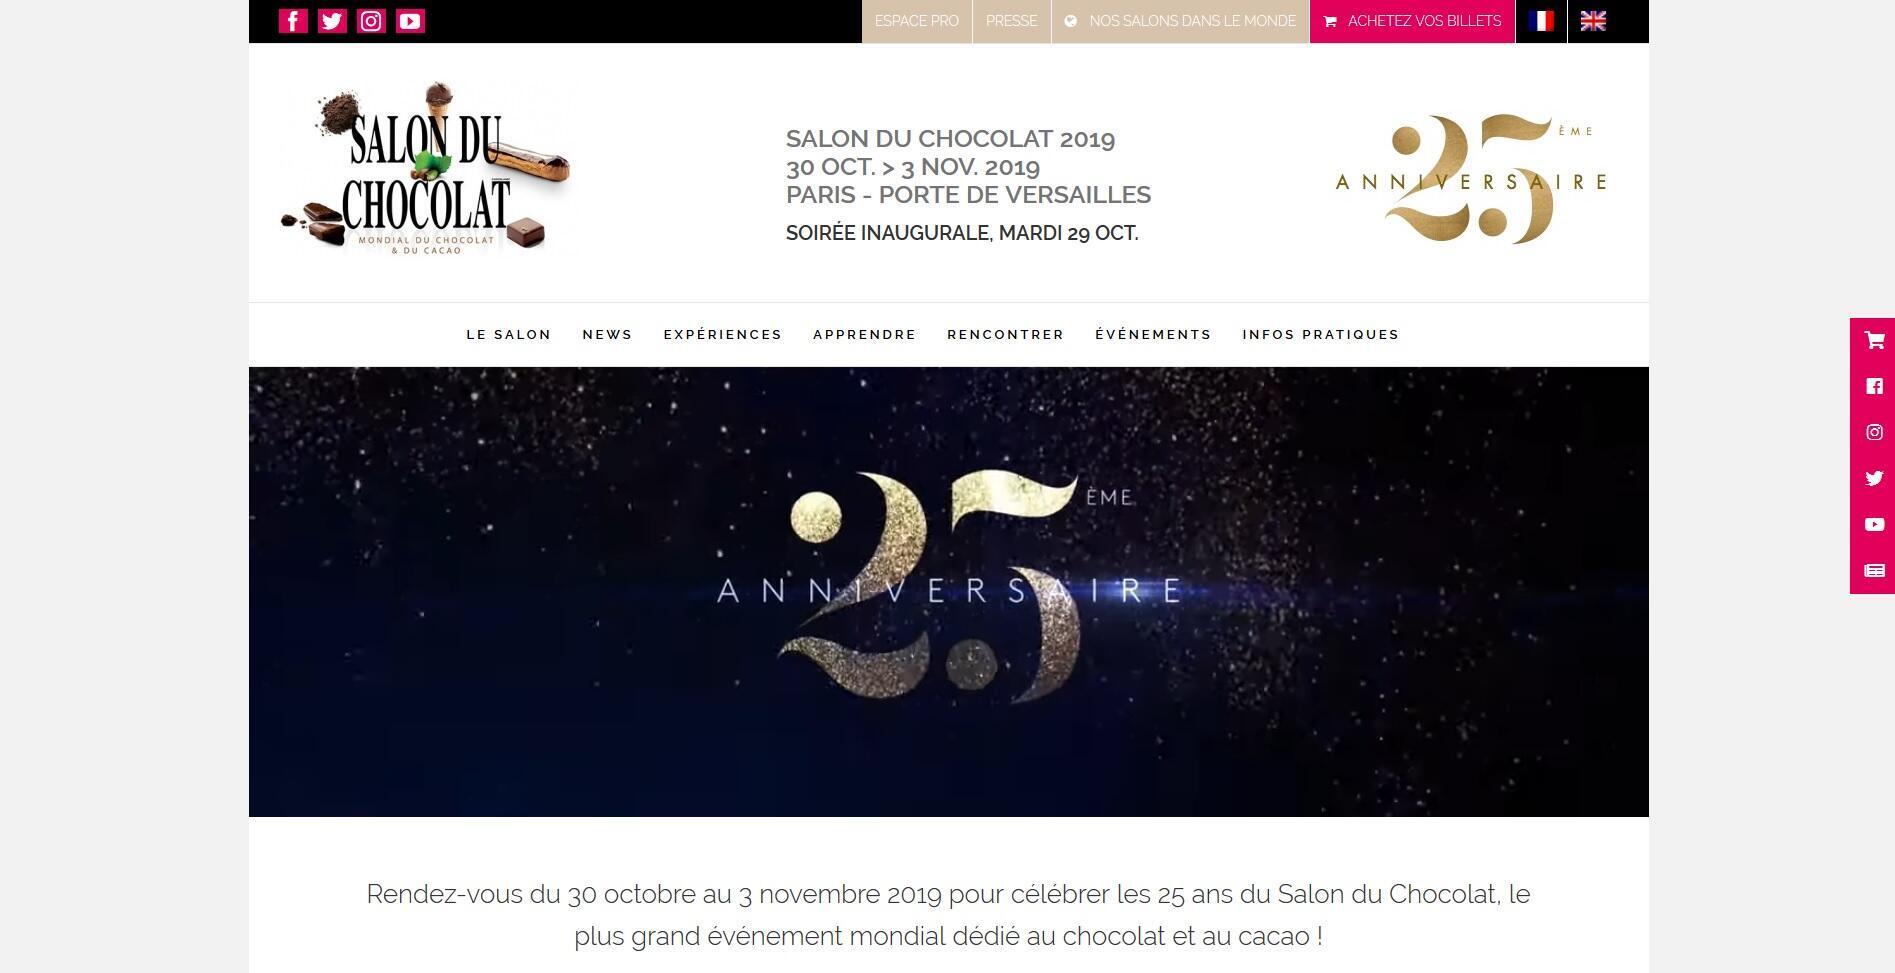 La page d'accueil du site internet du Salon du chocolat pour ses 25 ans.